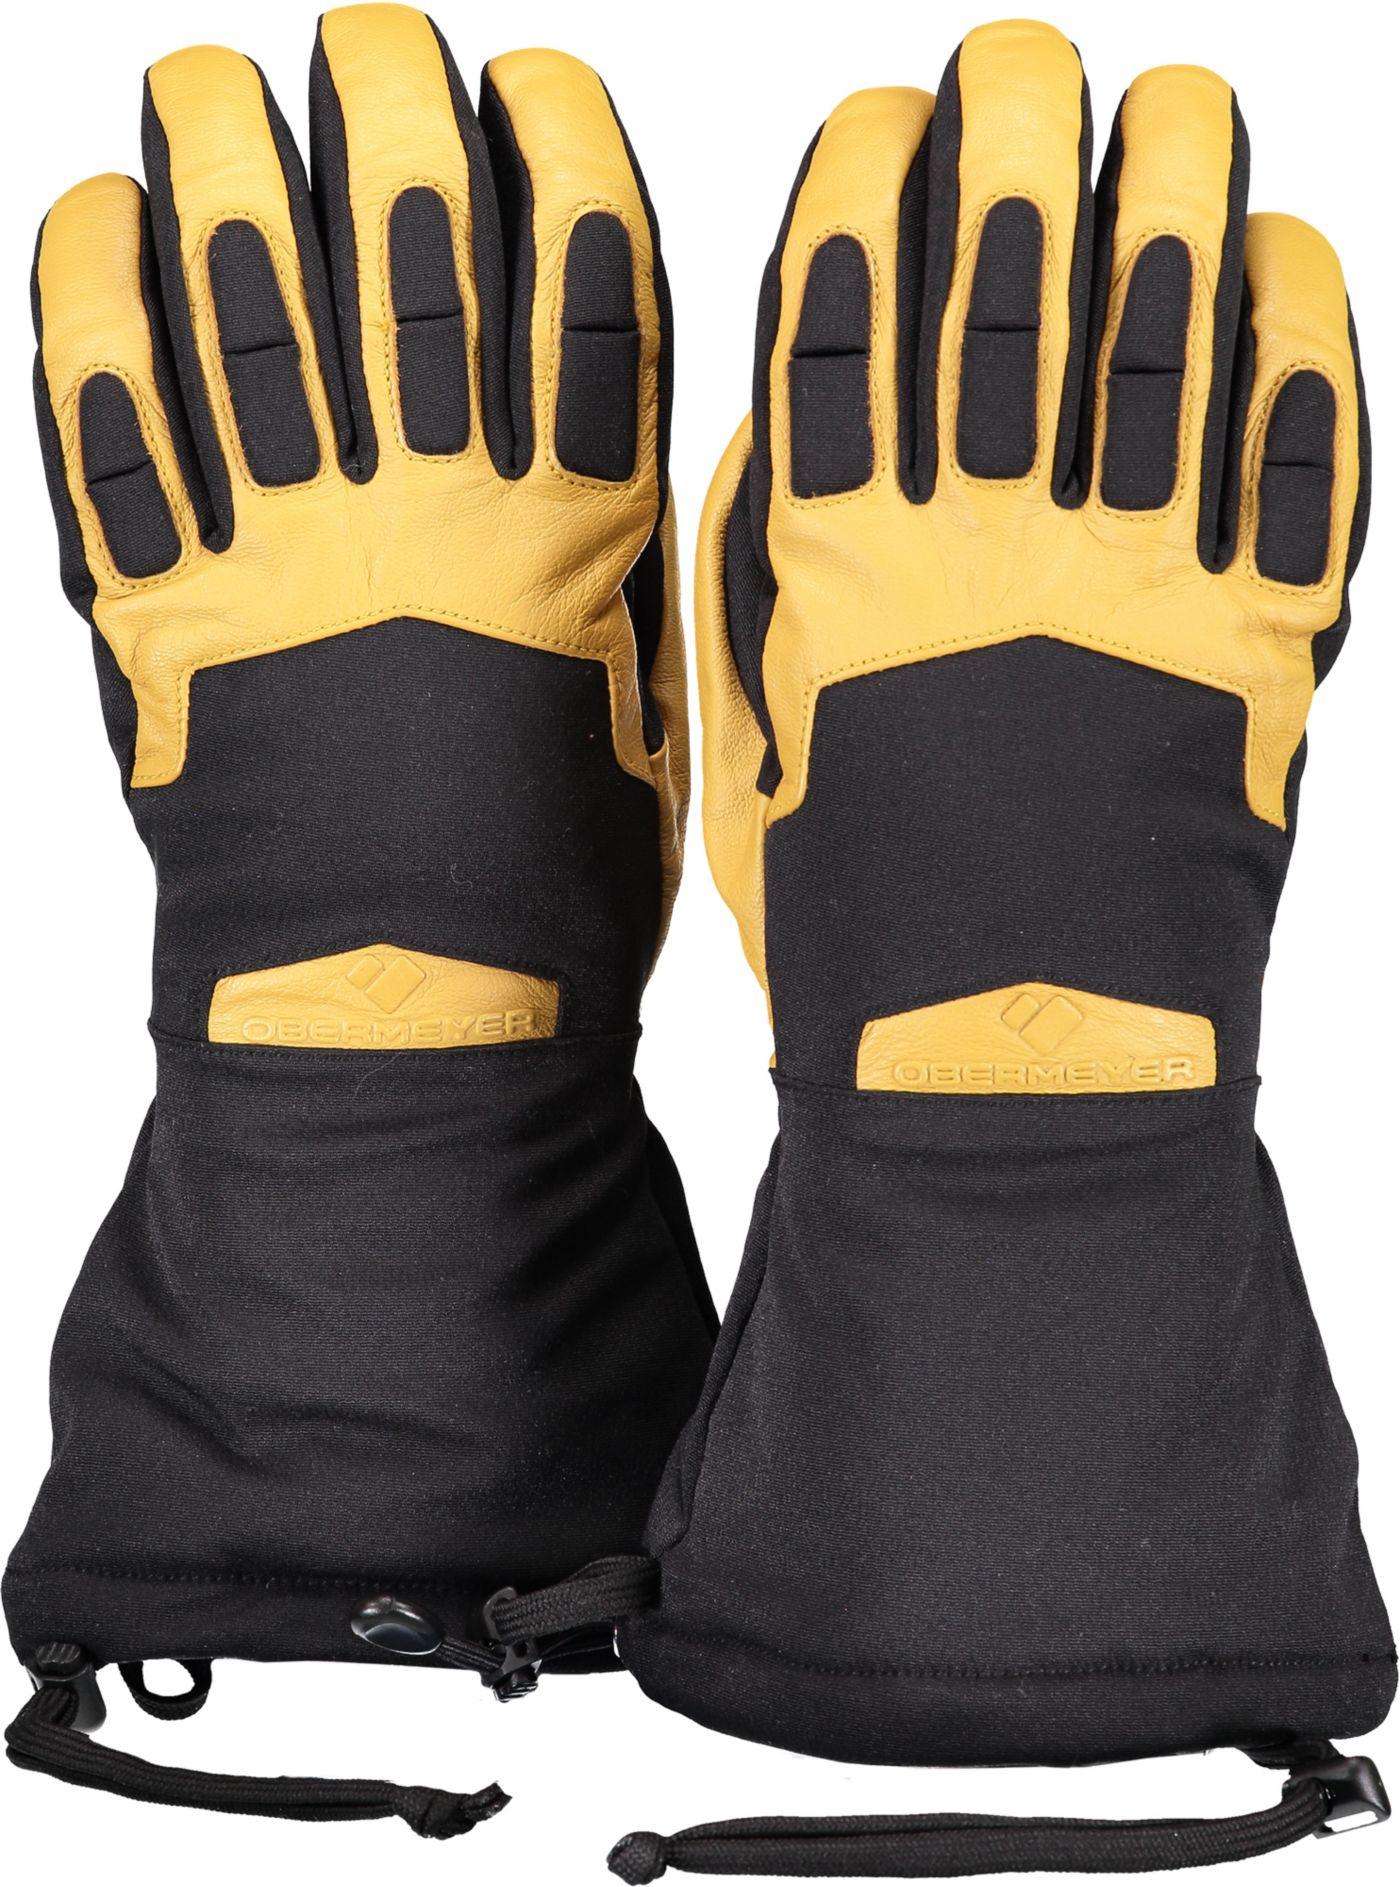 Obermeyer Adult Guide Gloves